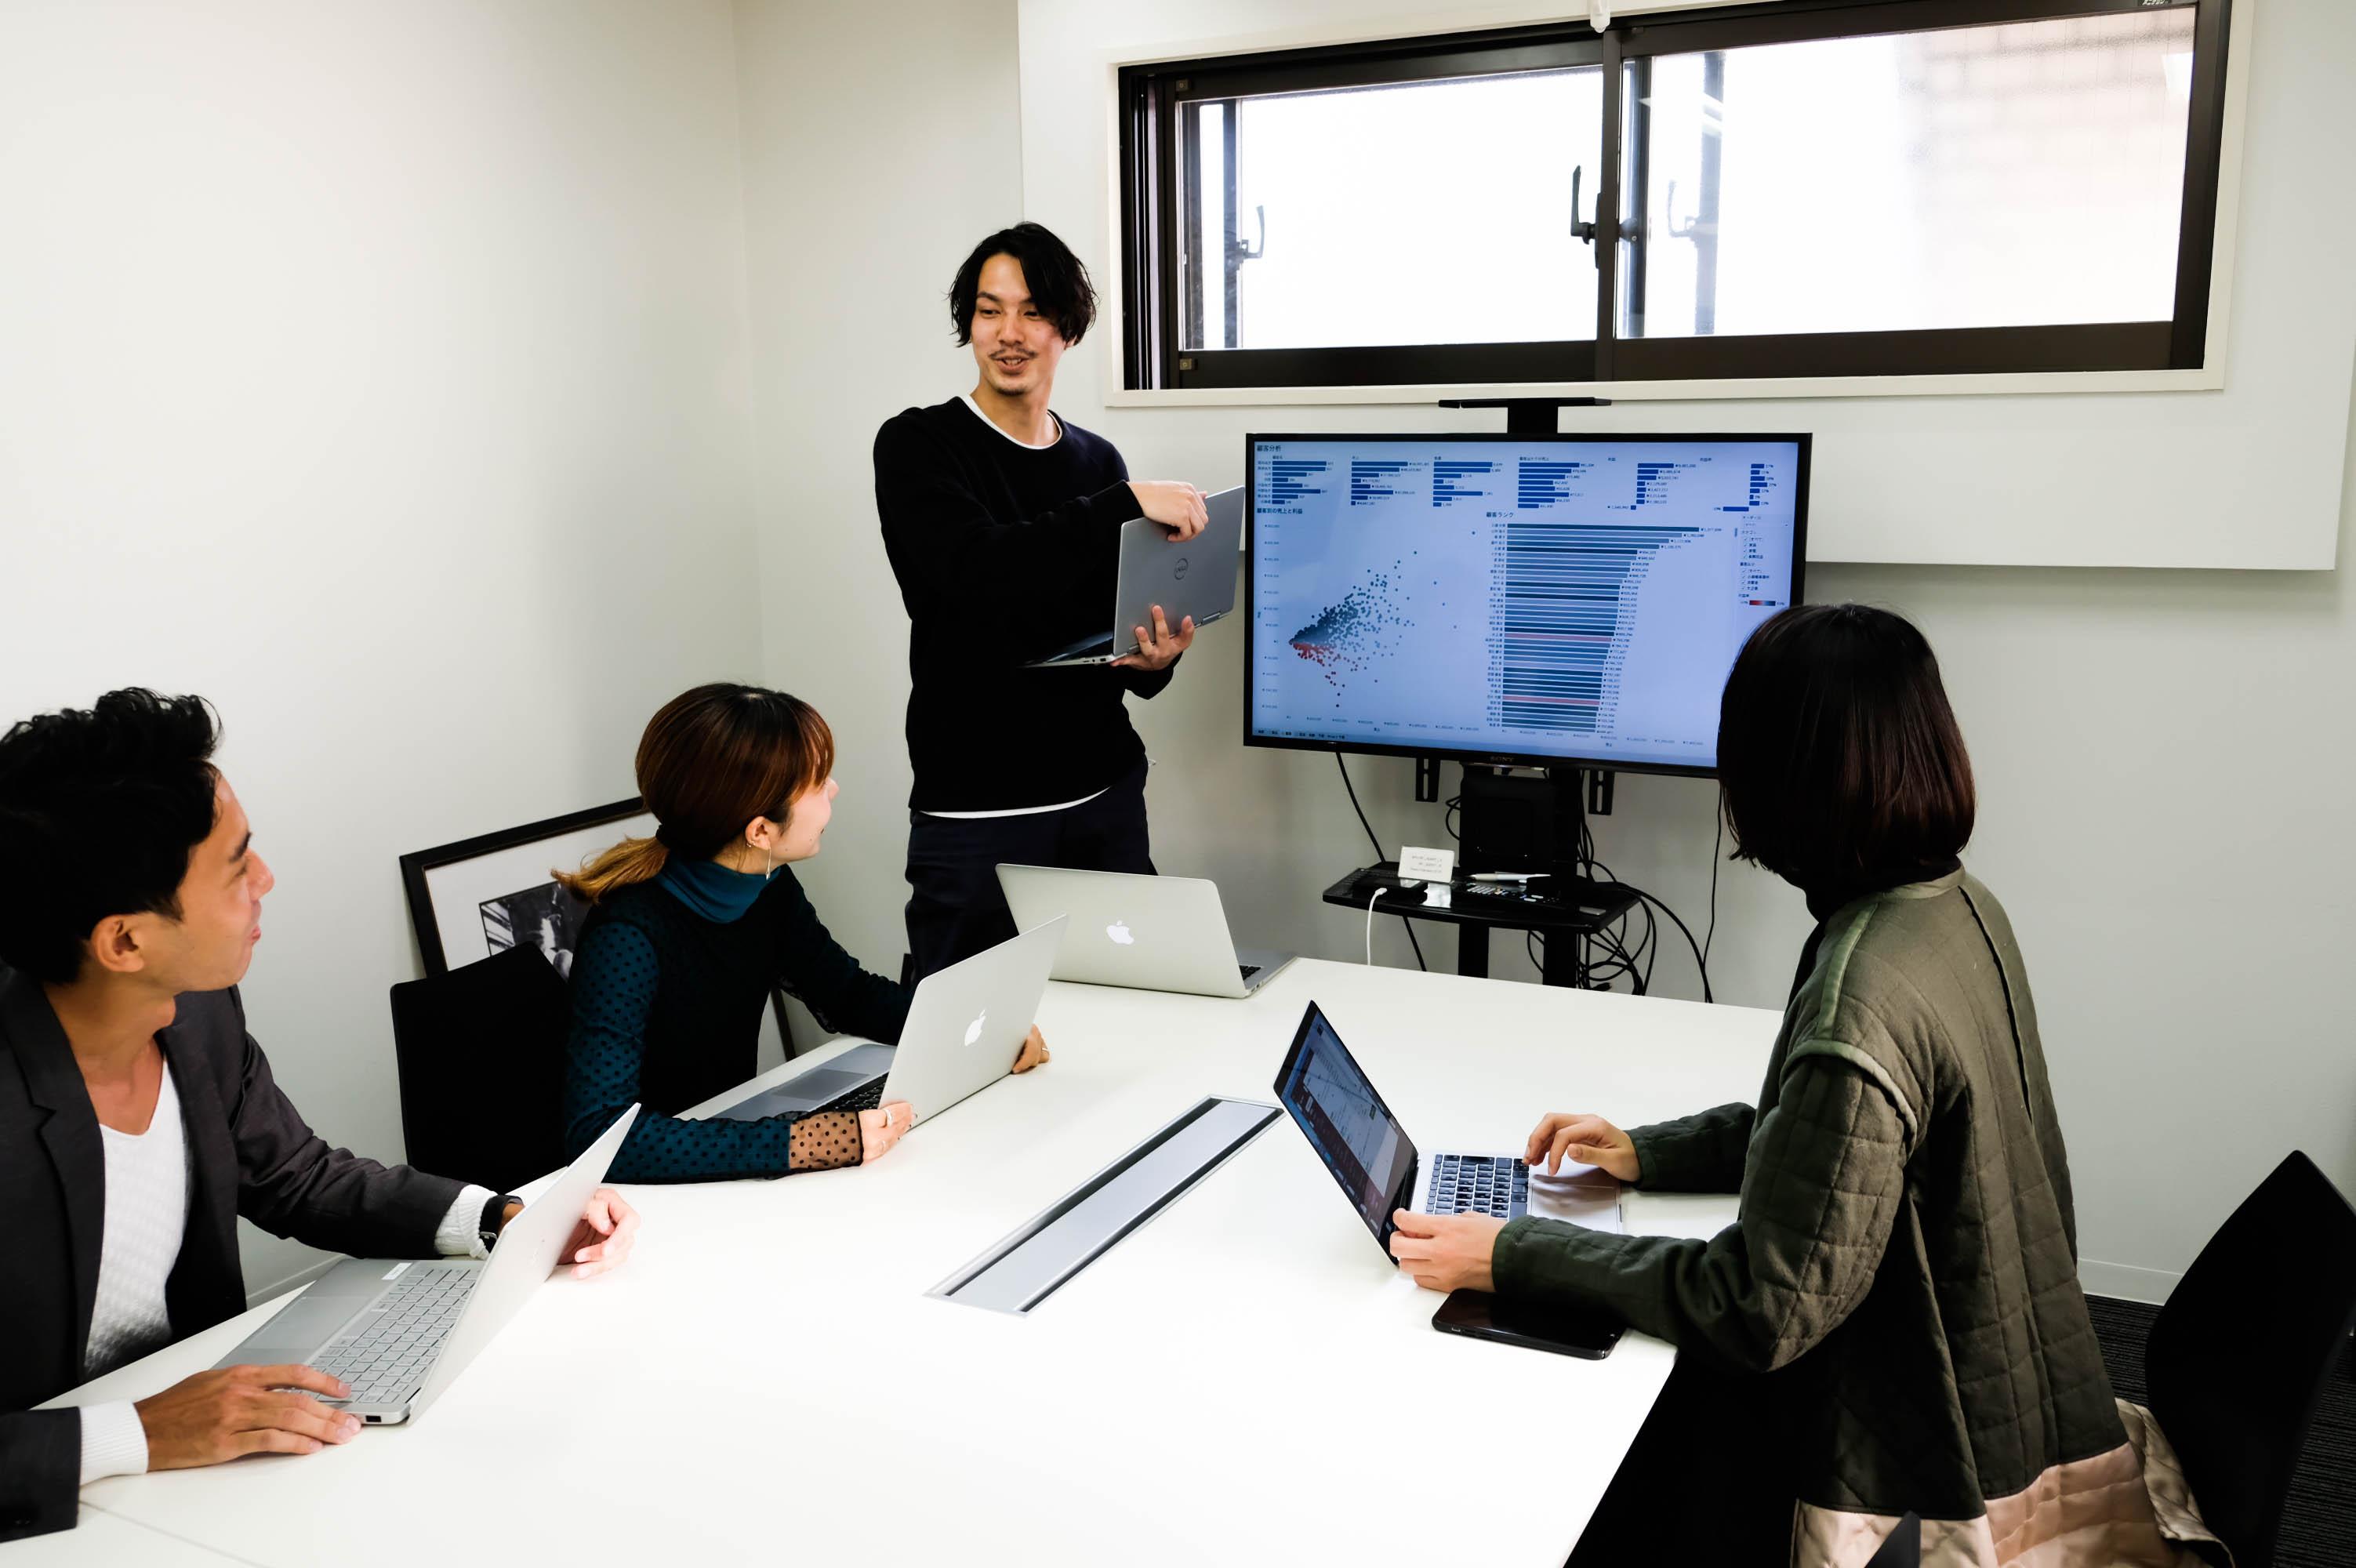 人事も広報も!採用を中心に、組織づくりや企業価値の向上に挑戦